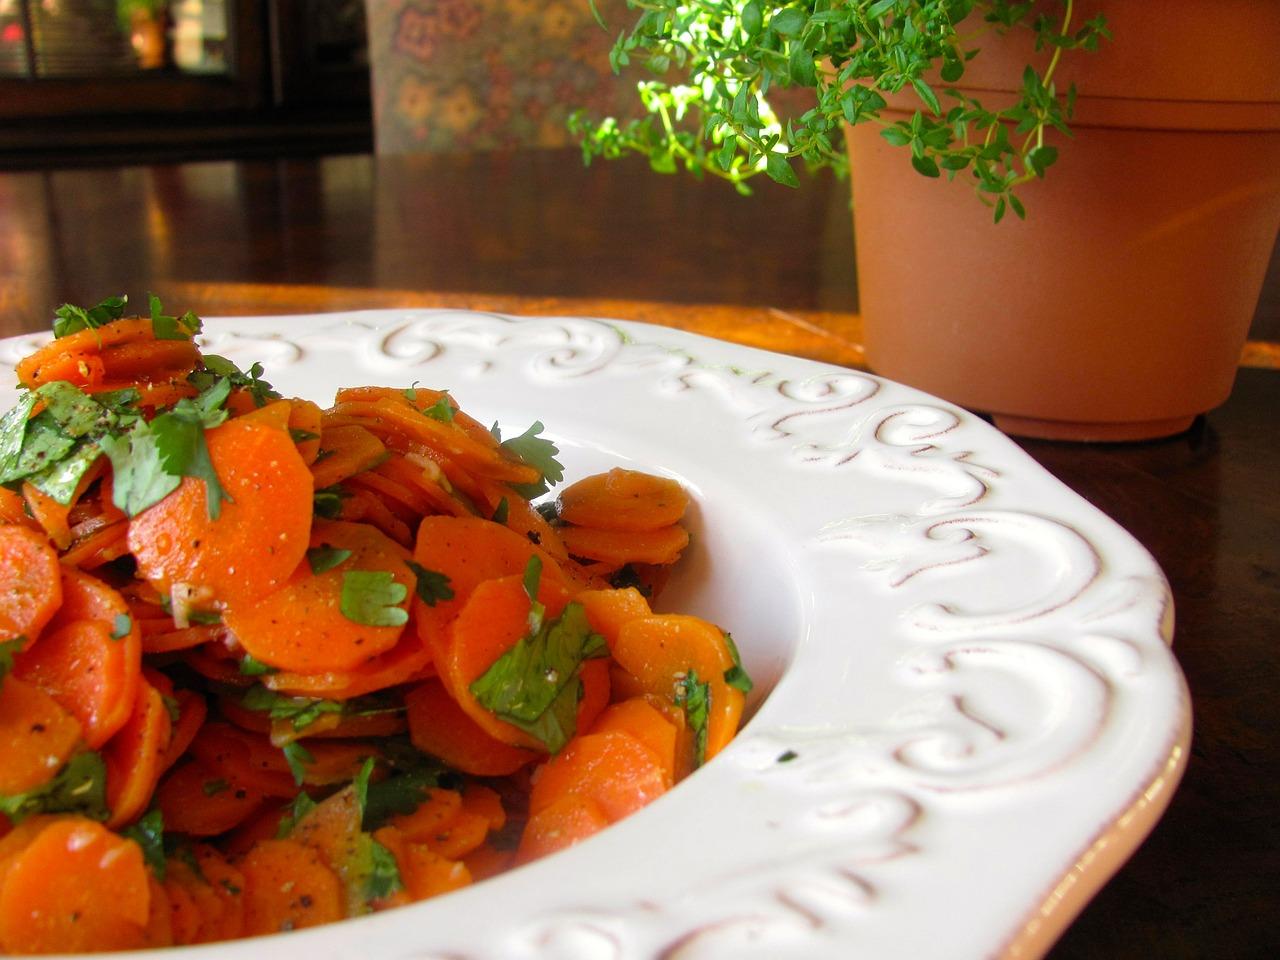 carottes vichy recettes pour le cook processor de kitchenaid. Black Bedroom Furniture Sets. Home Design Ideas